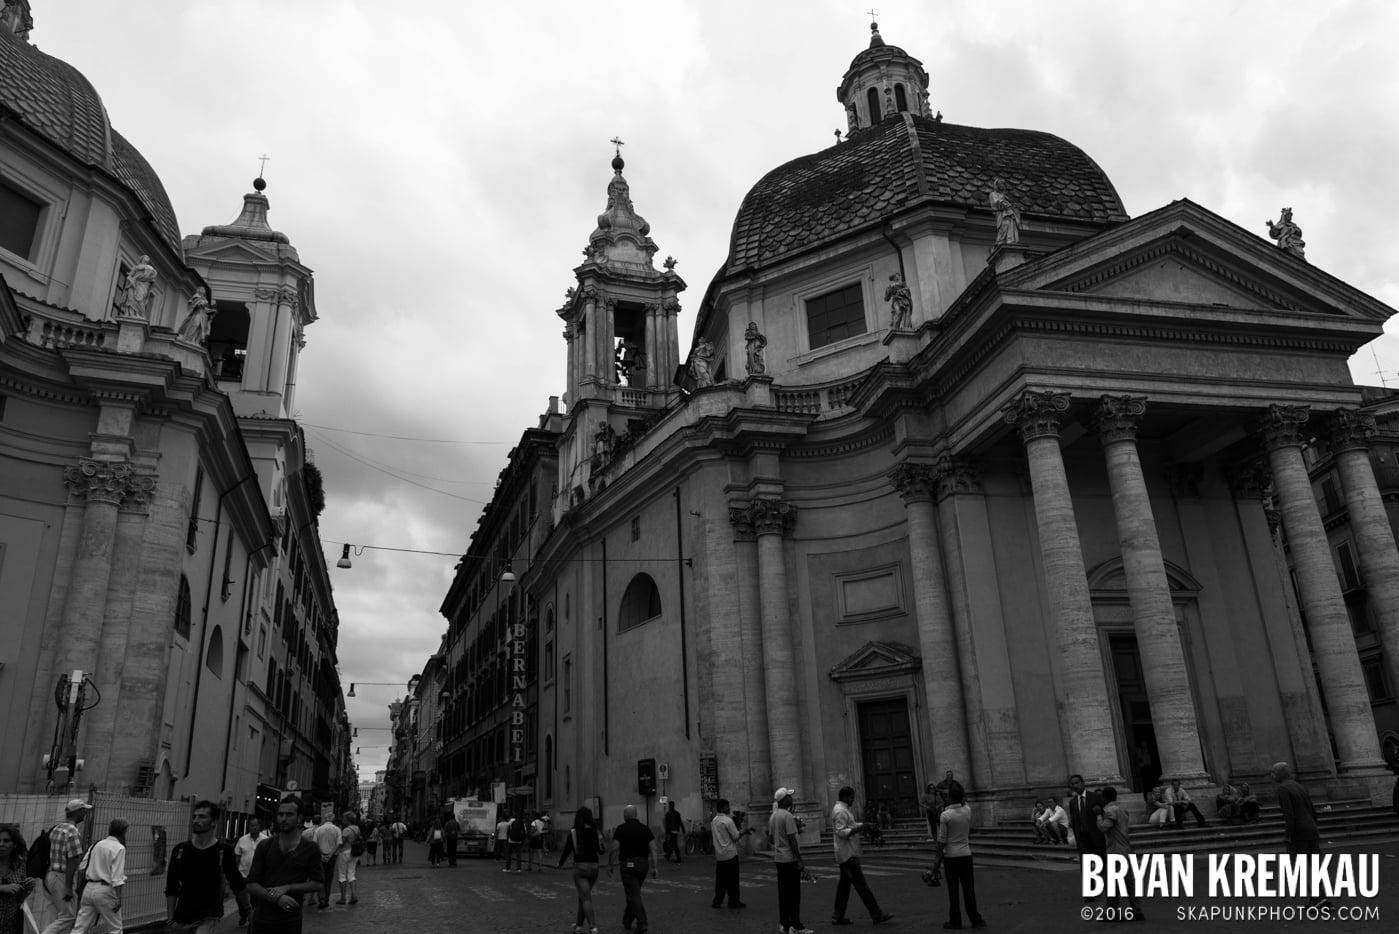 Italy Vacation - Day 3: Rome - 9.11.13 (14)